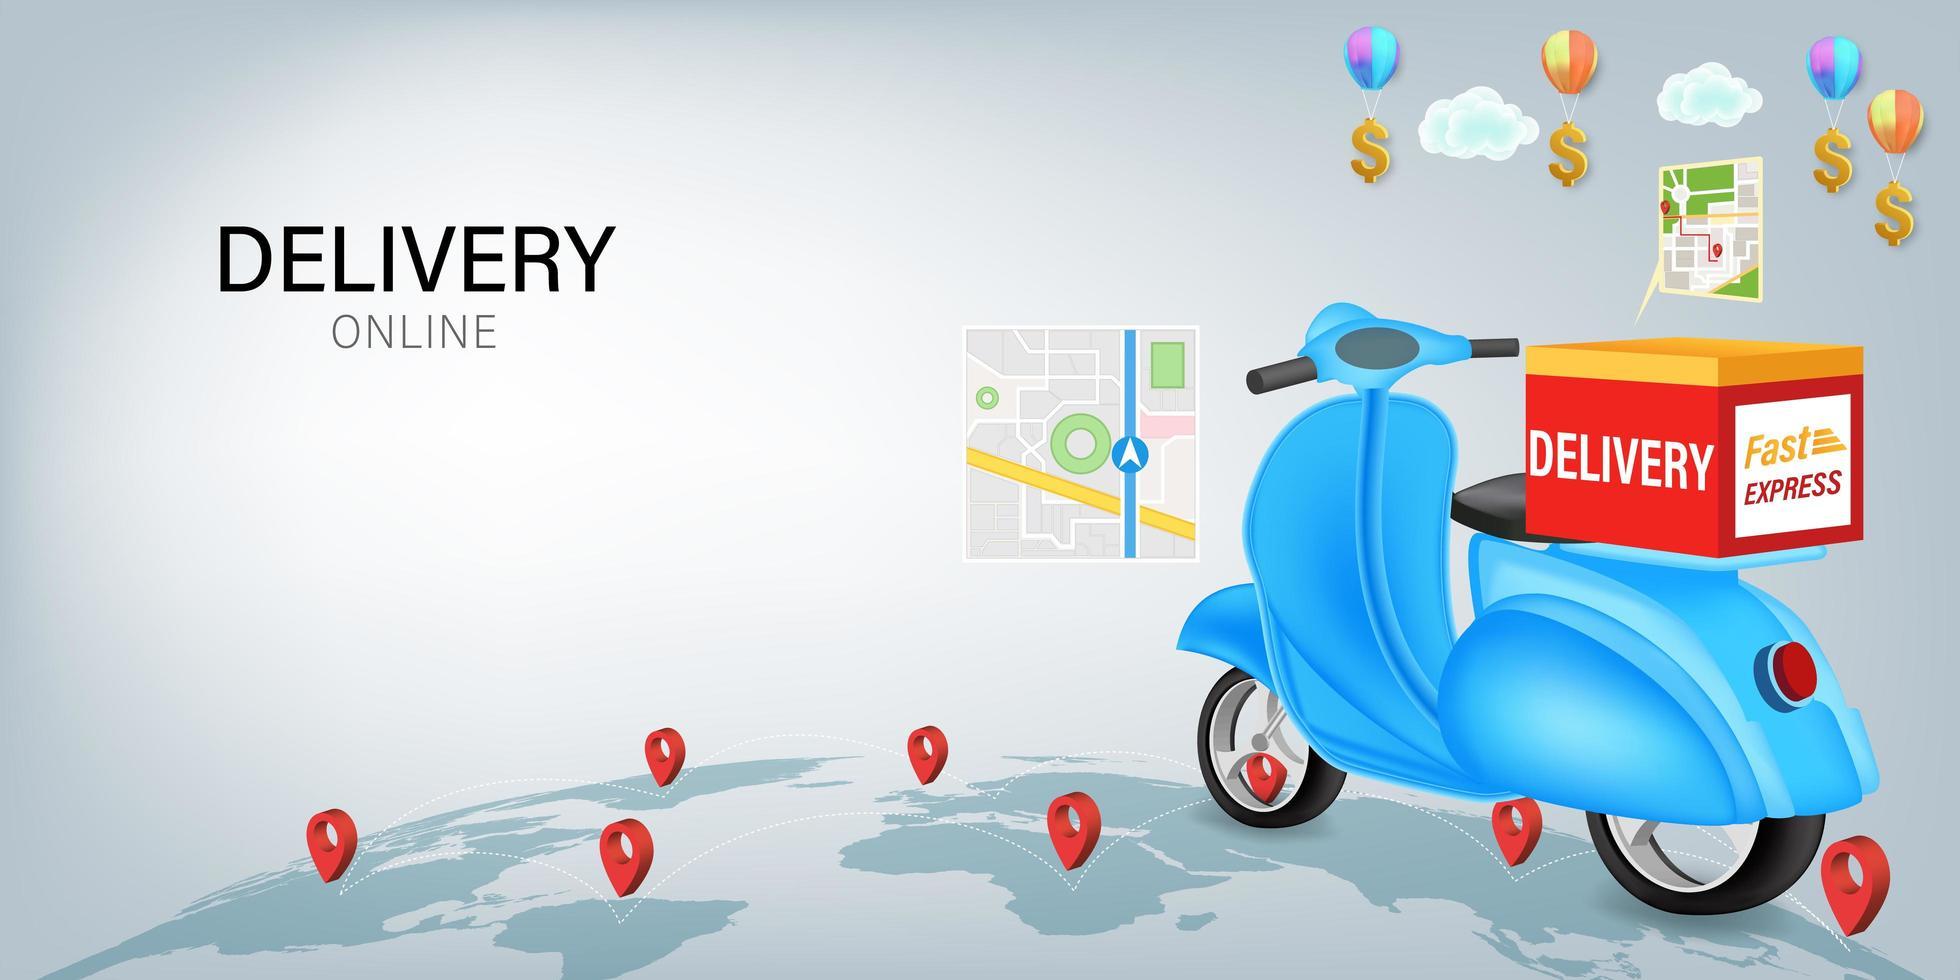 entrega rápida en scooter en el móvil vector